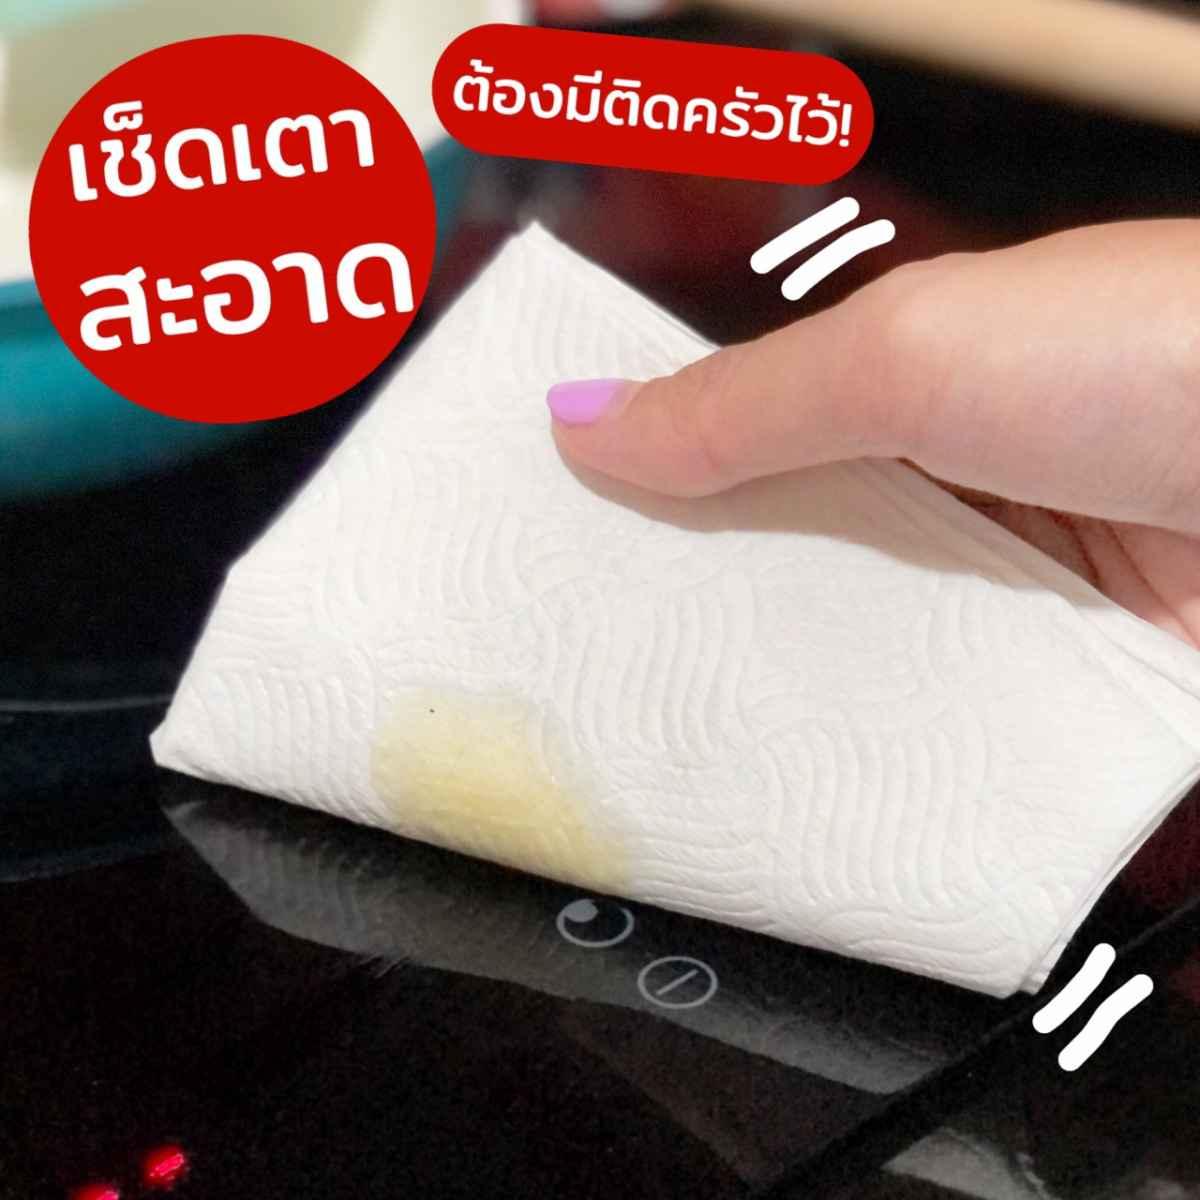 กระดาษสำหรับงานครัว